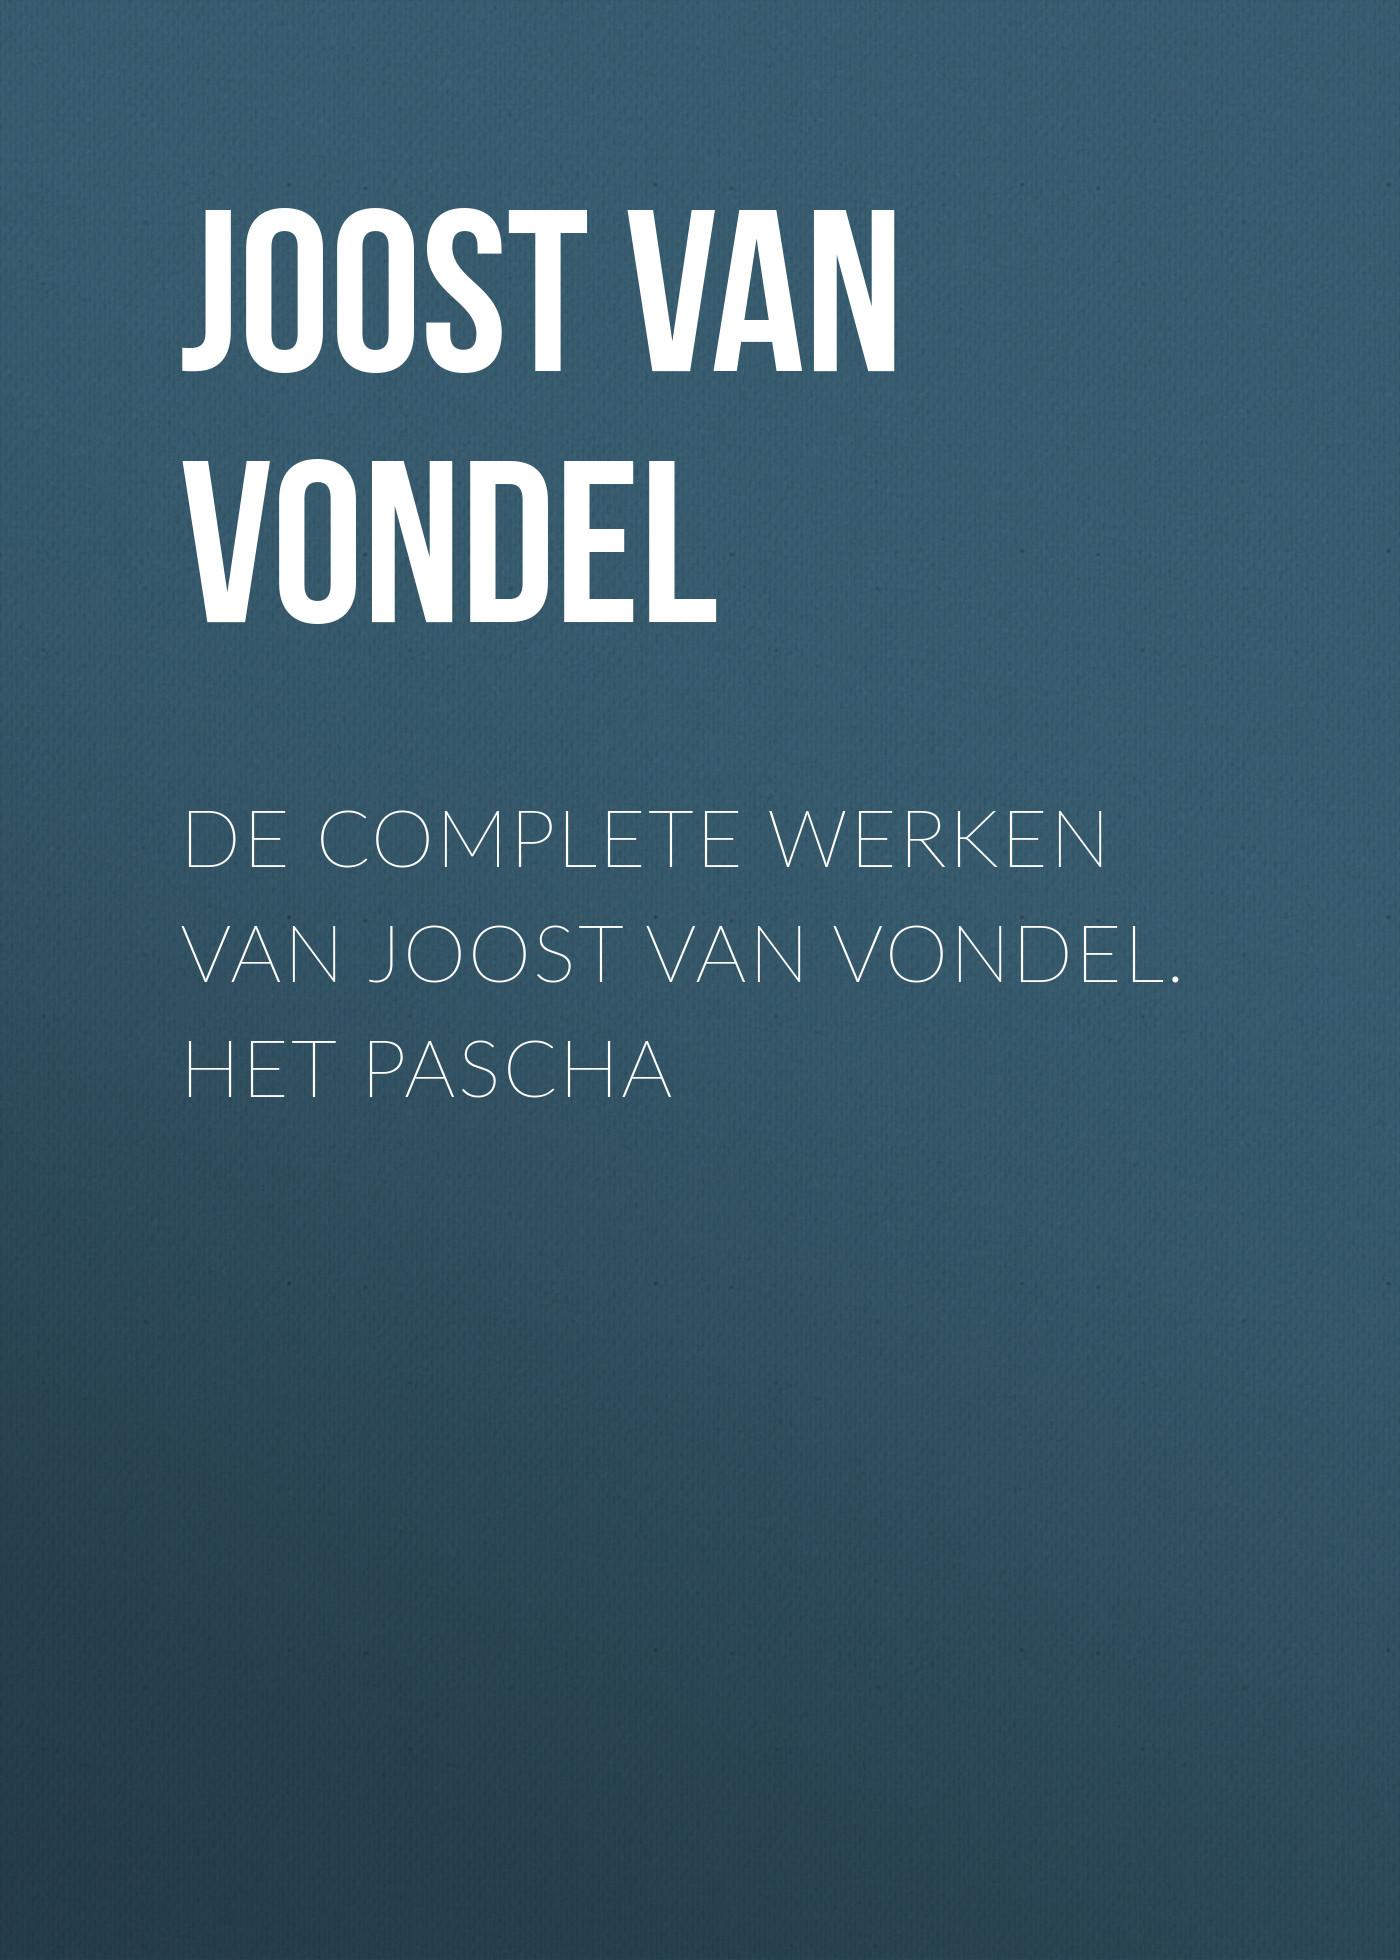 De complete werken van Joost van Vondel. Het Pascha